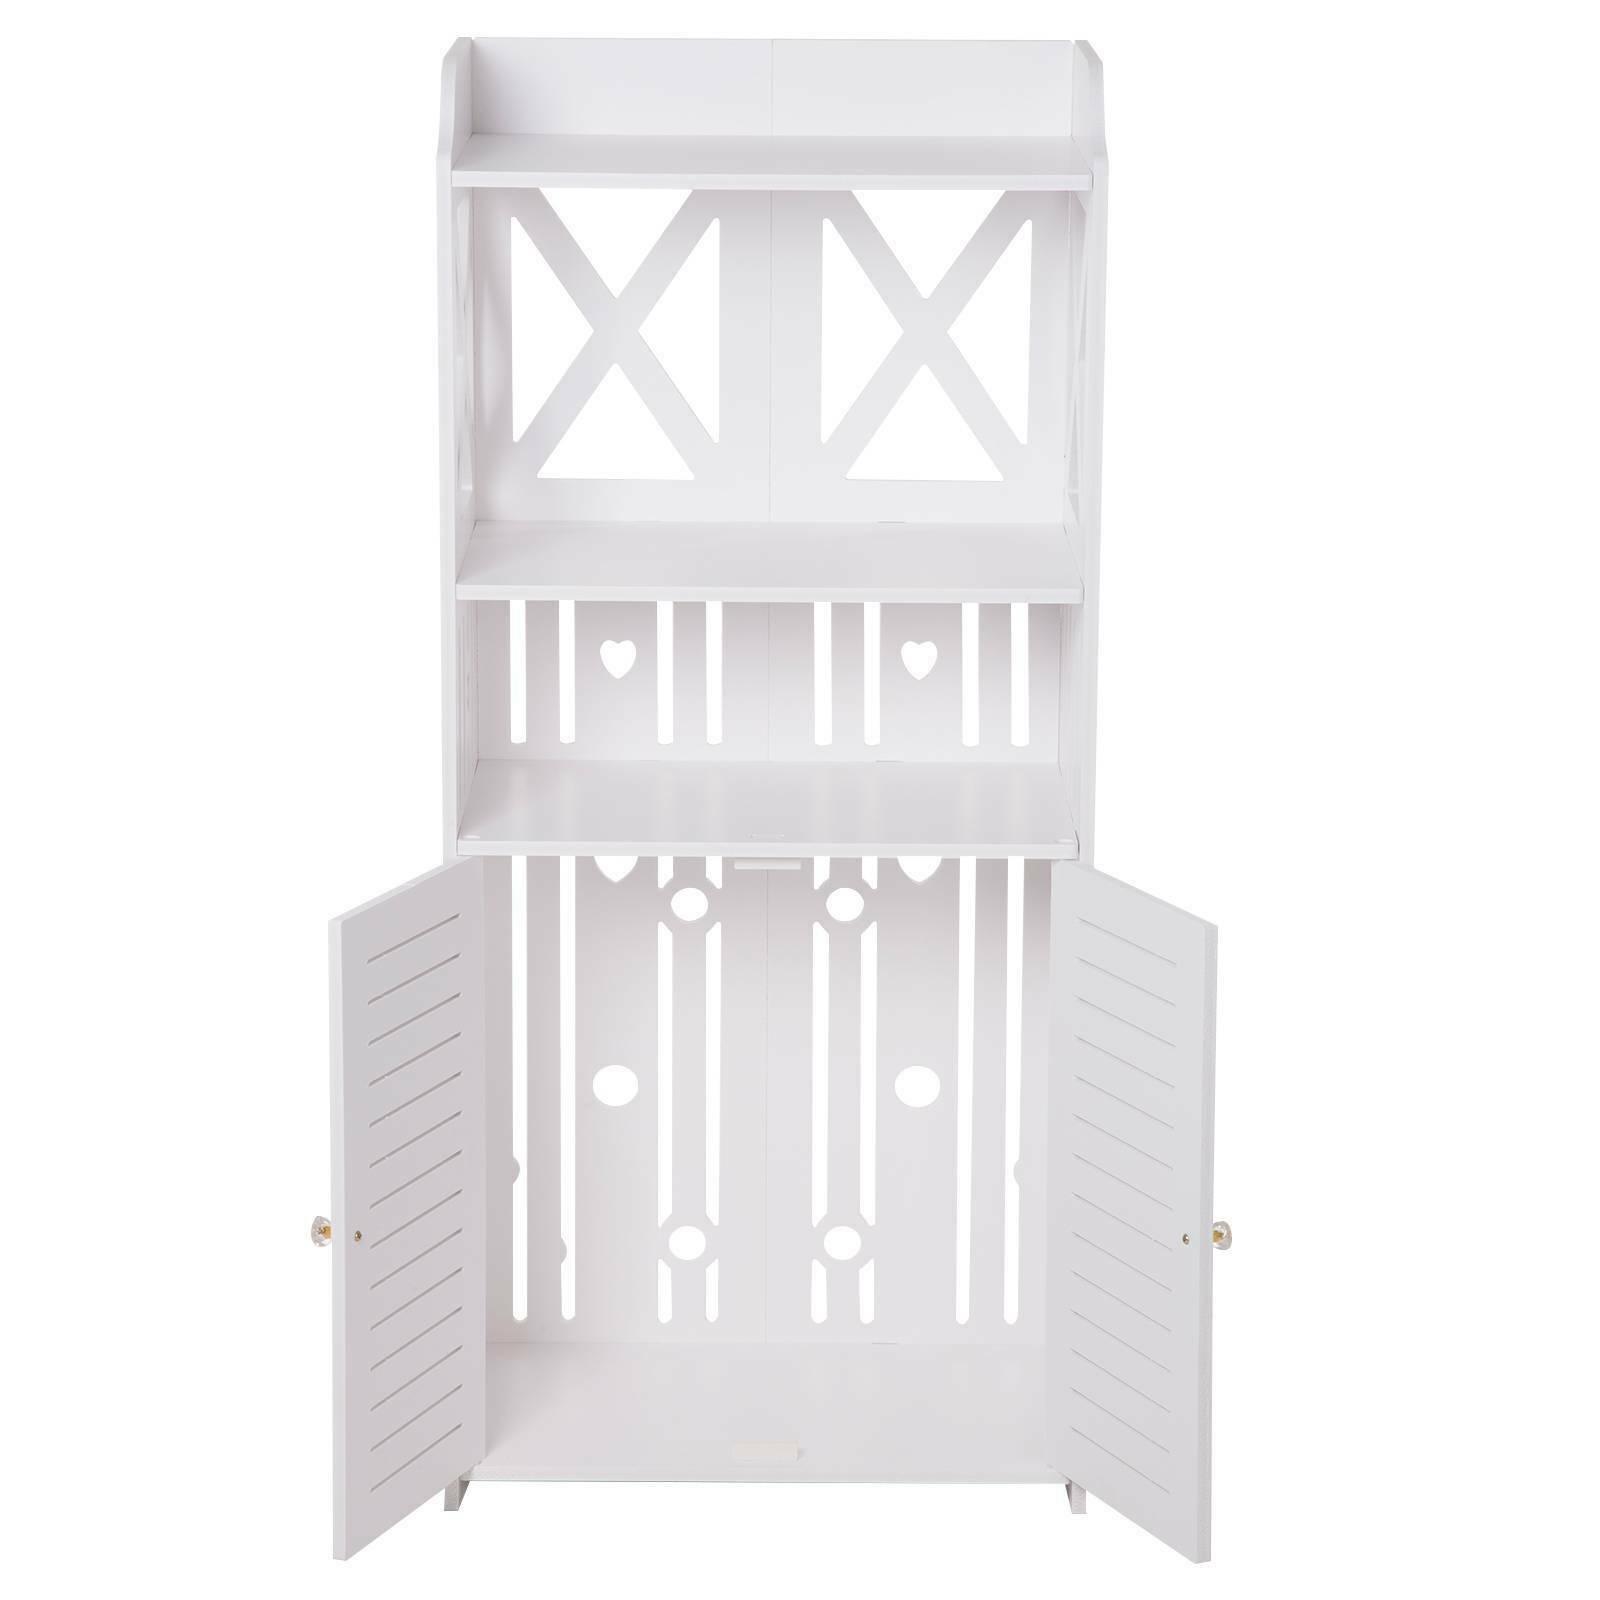 Waterproof Pvc Wooden Bathroom Cabinet Shelf Cupboard Bedroom Storage Unit White Ebay